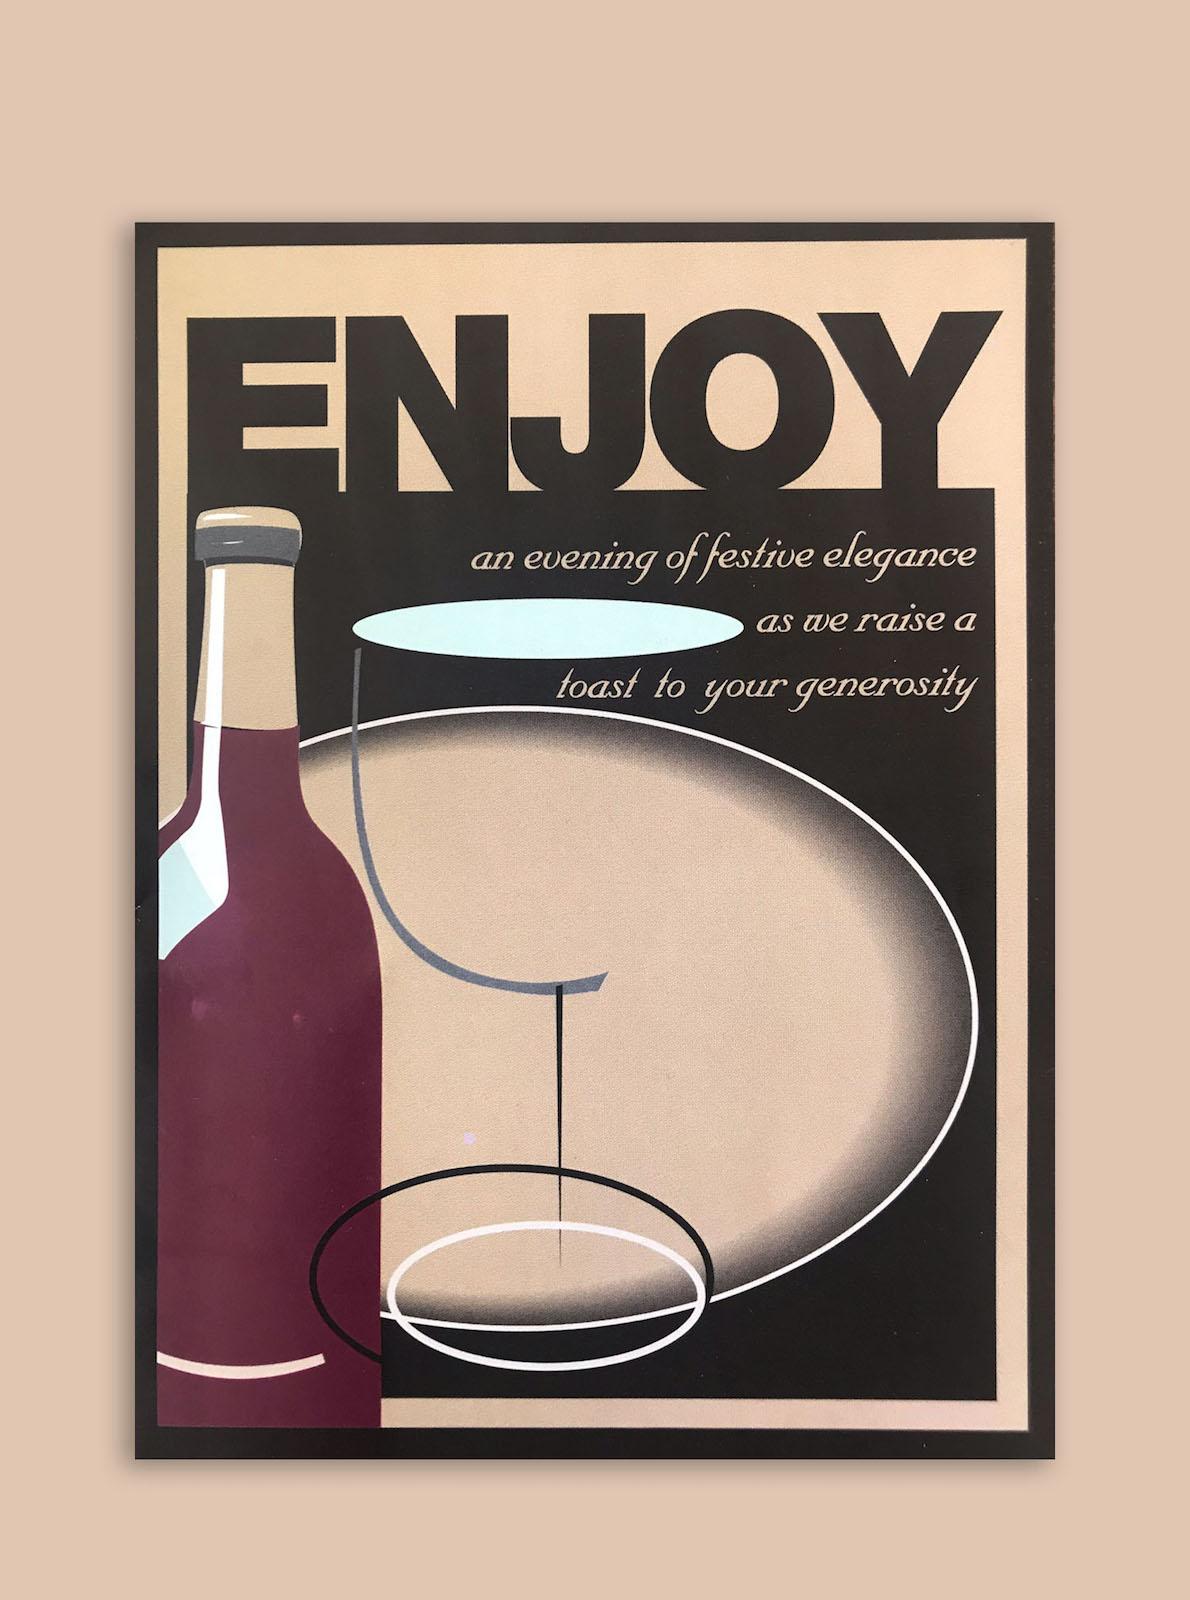 wine-bottle-glass-invite-rarevelvet-designs.jpeg